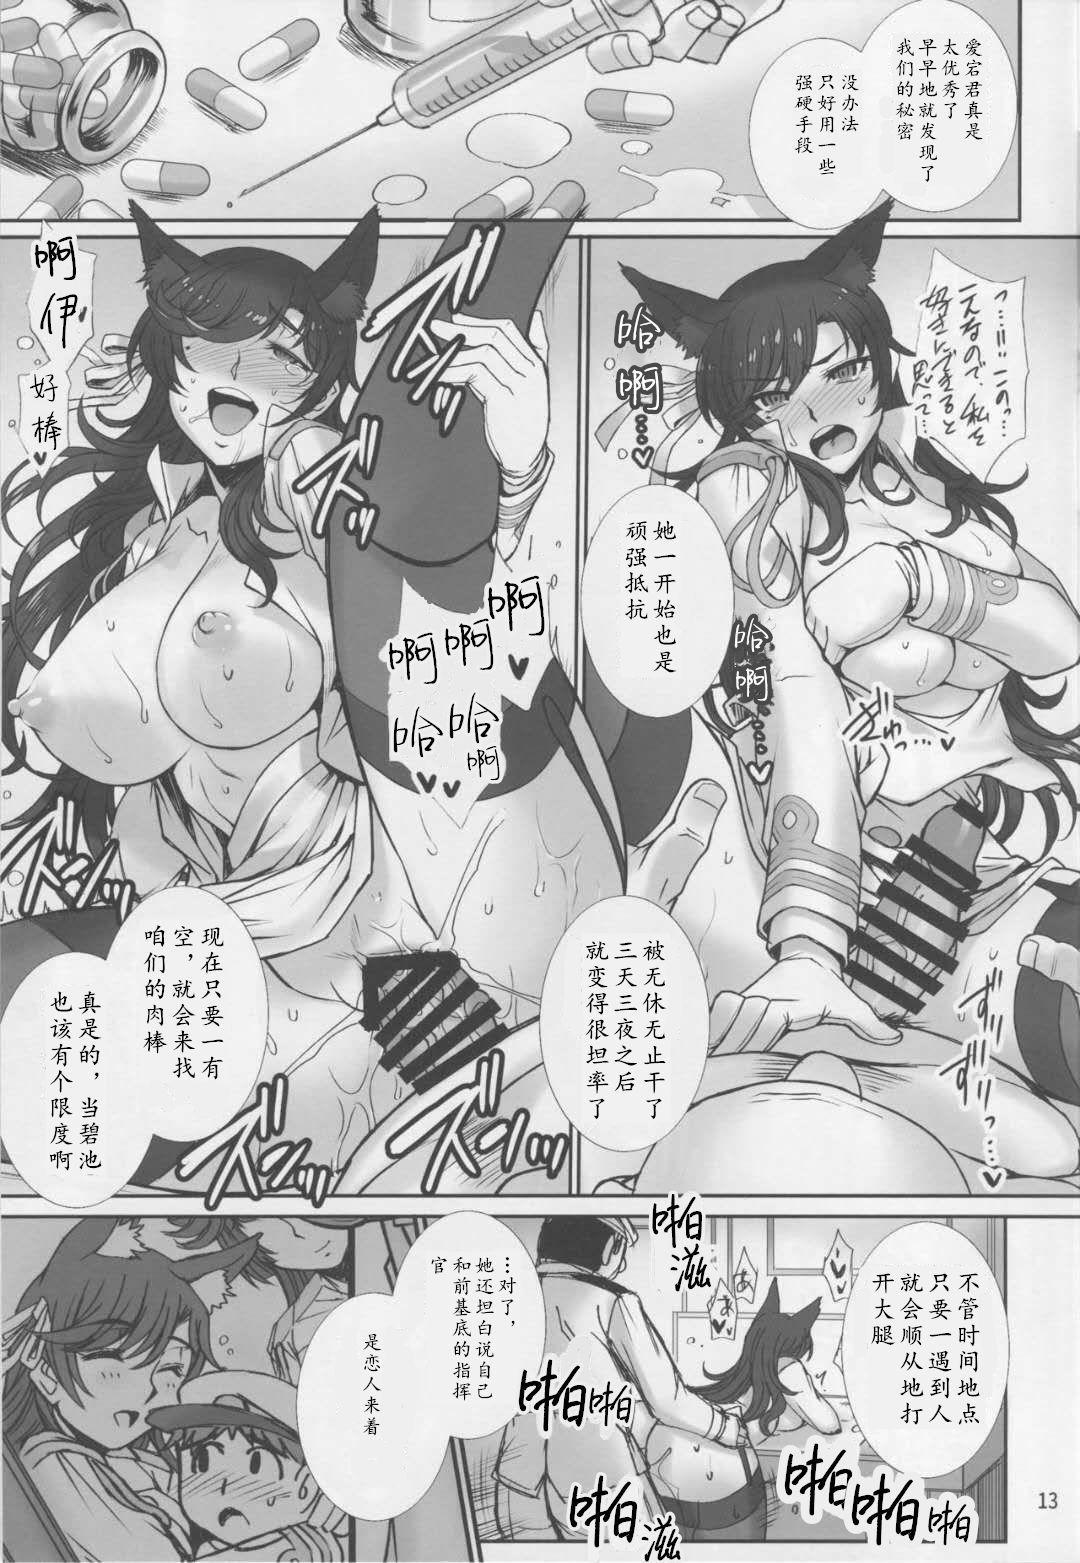 Takao wa Midara ni Musebinaku 11